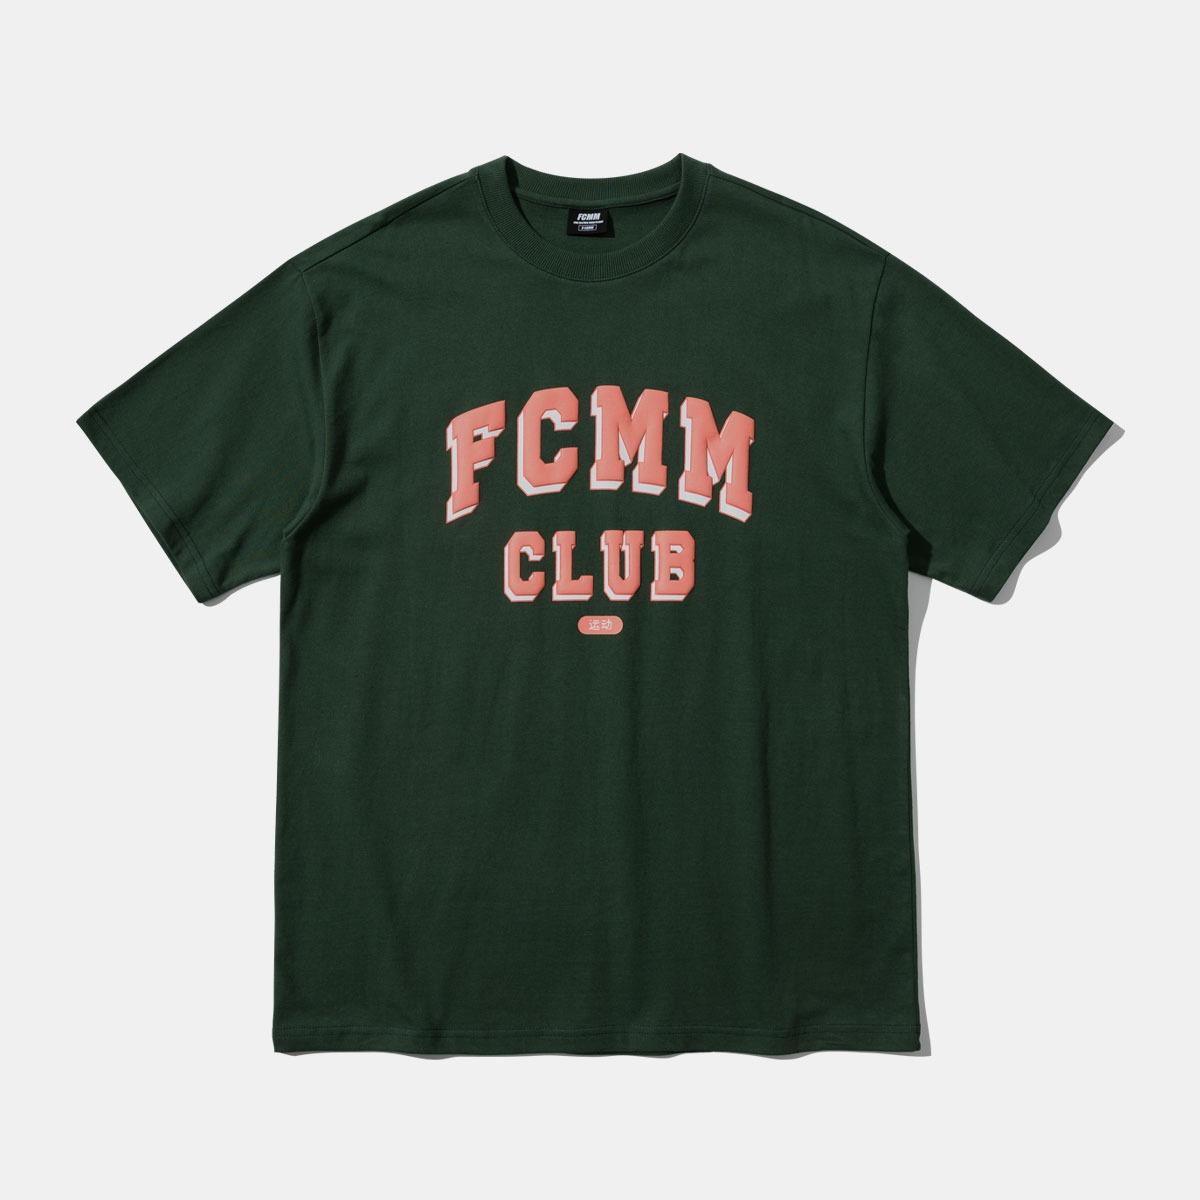 스포츠 클럽 티셔츠 - 그린